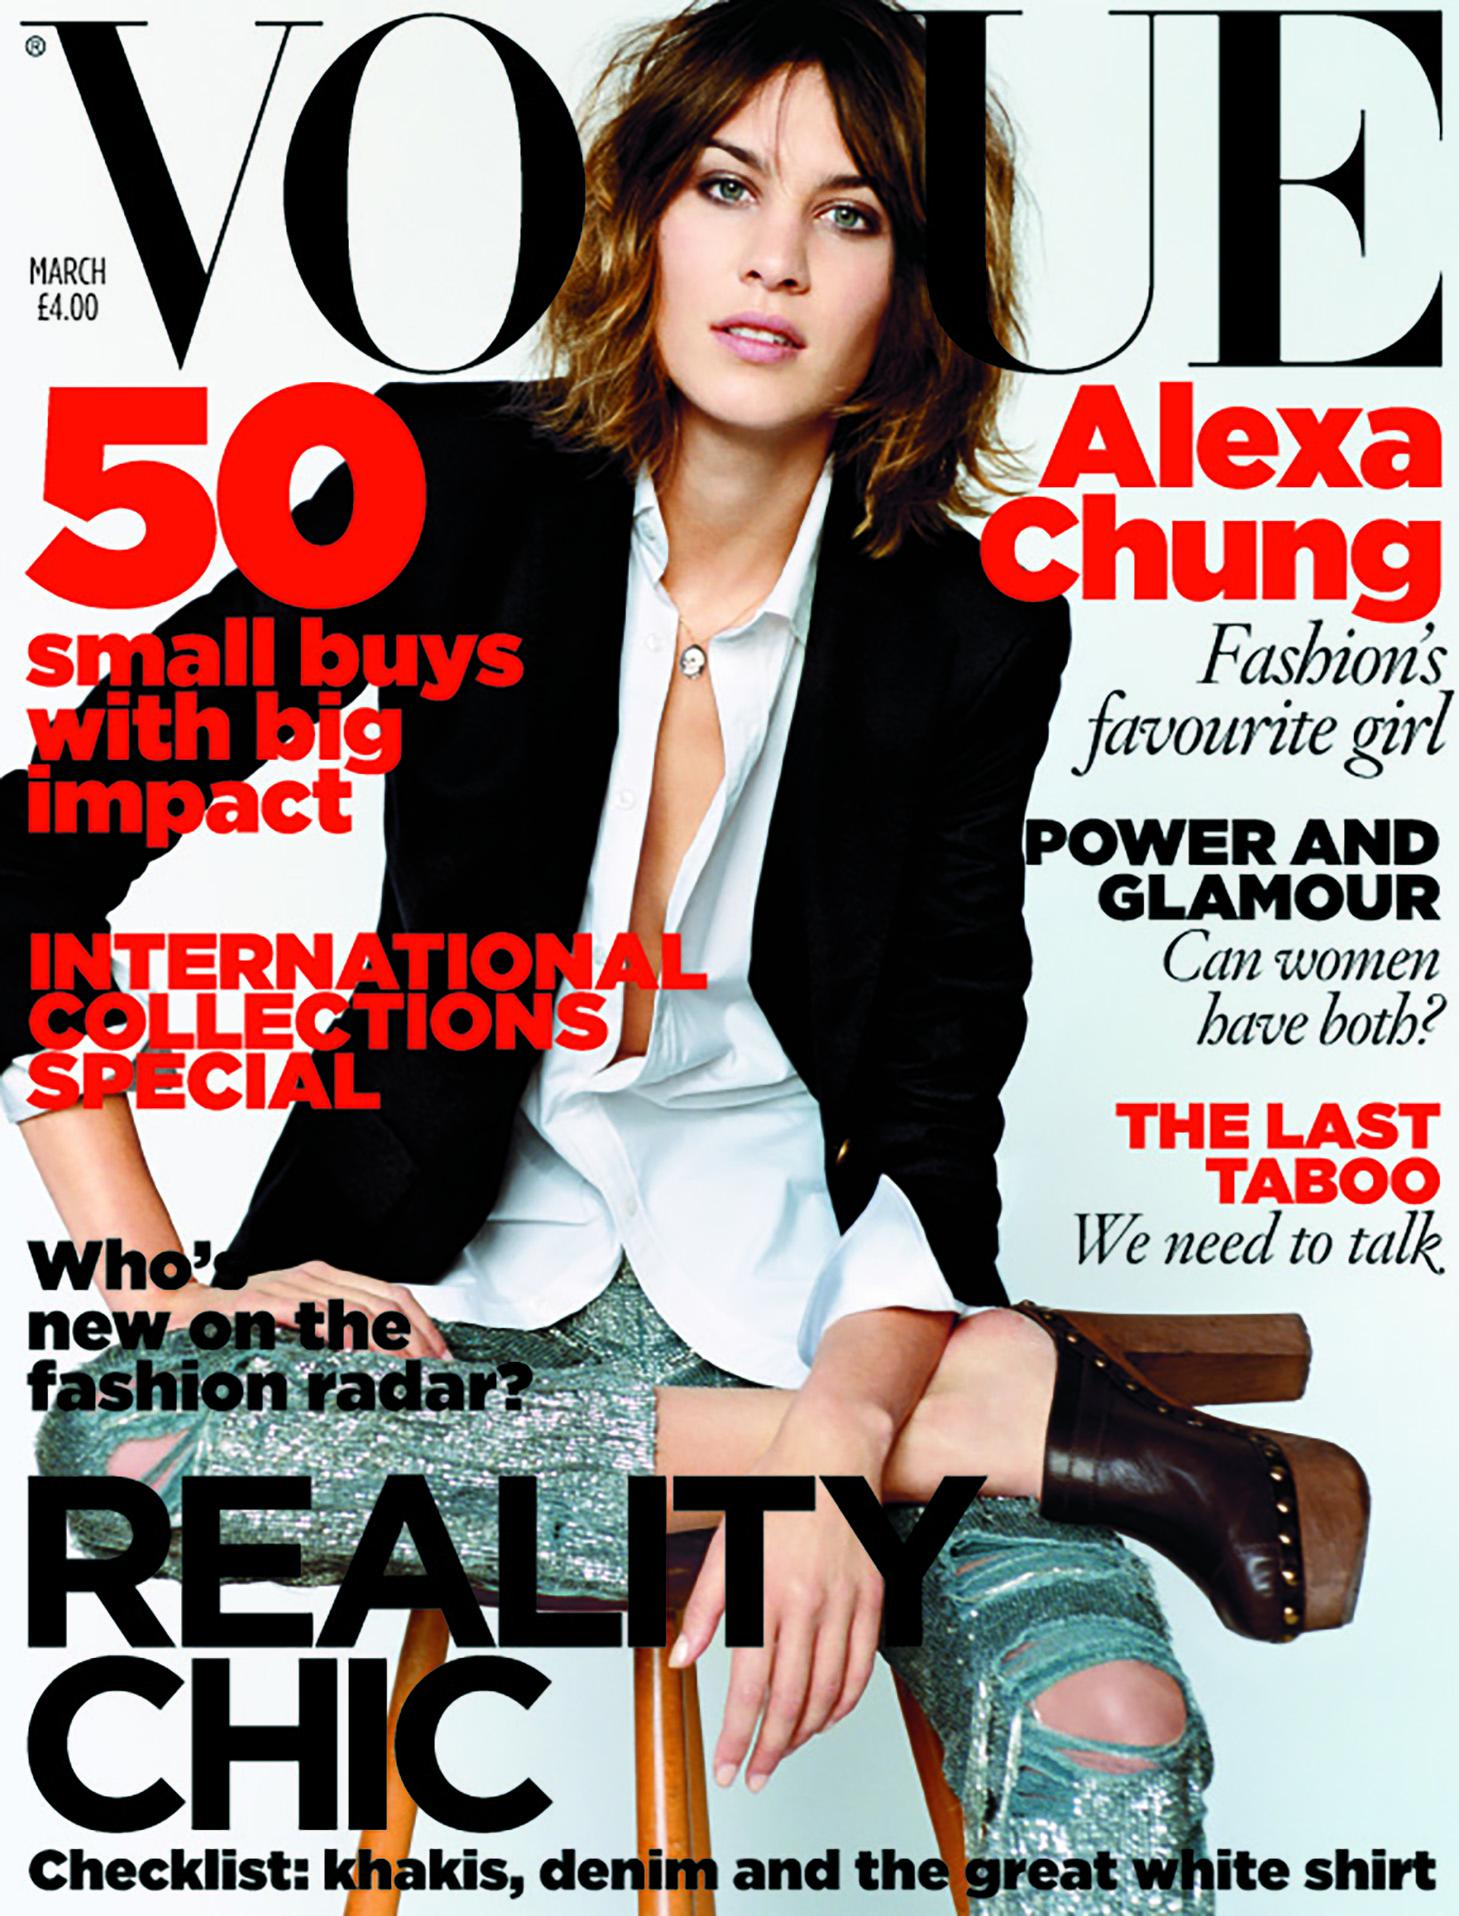 Alexa Chung x Vogue - Concrete